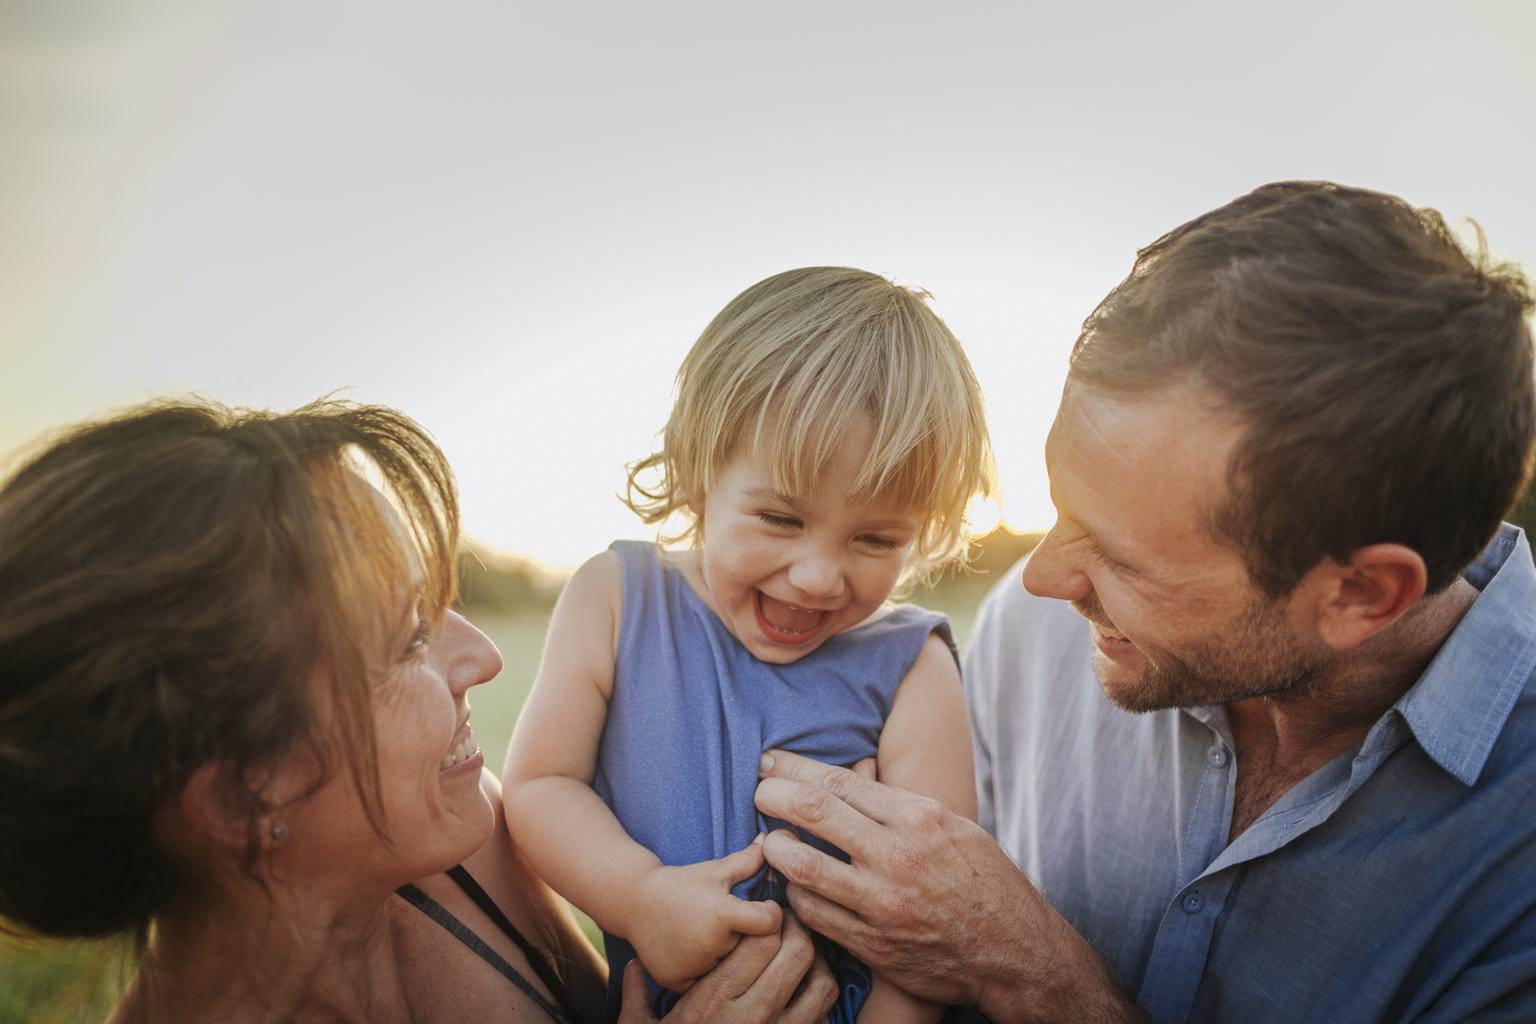 Fotógrafo de familia Barcelona :: Gironella :: Reportaje de familia